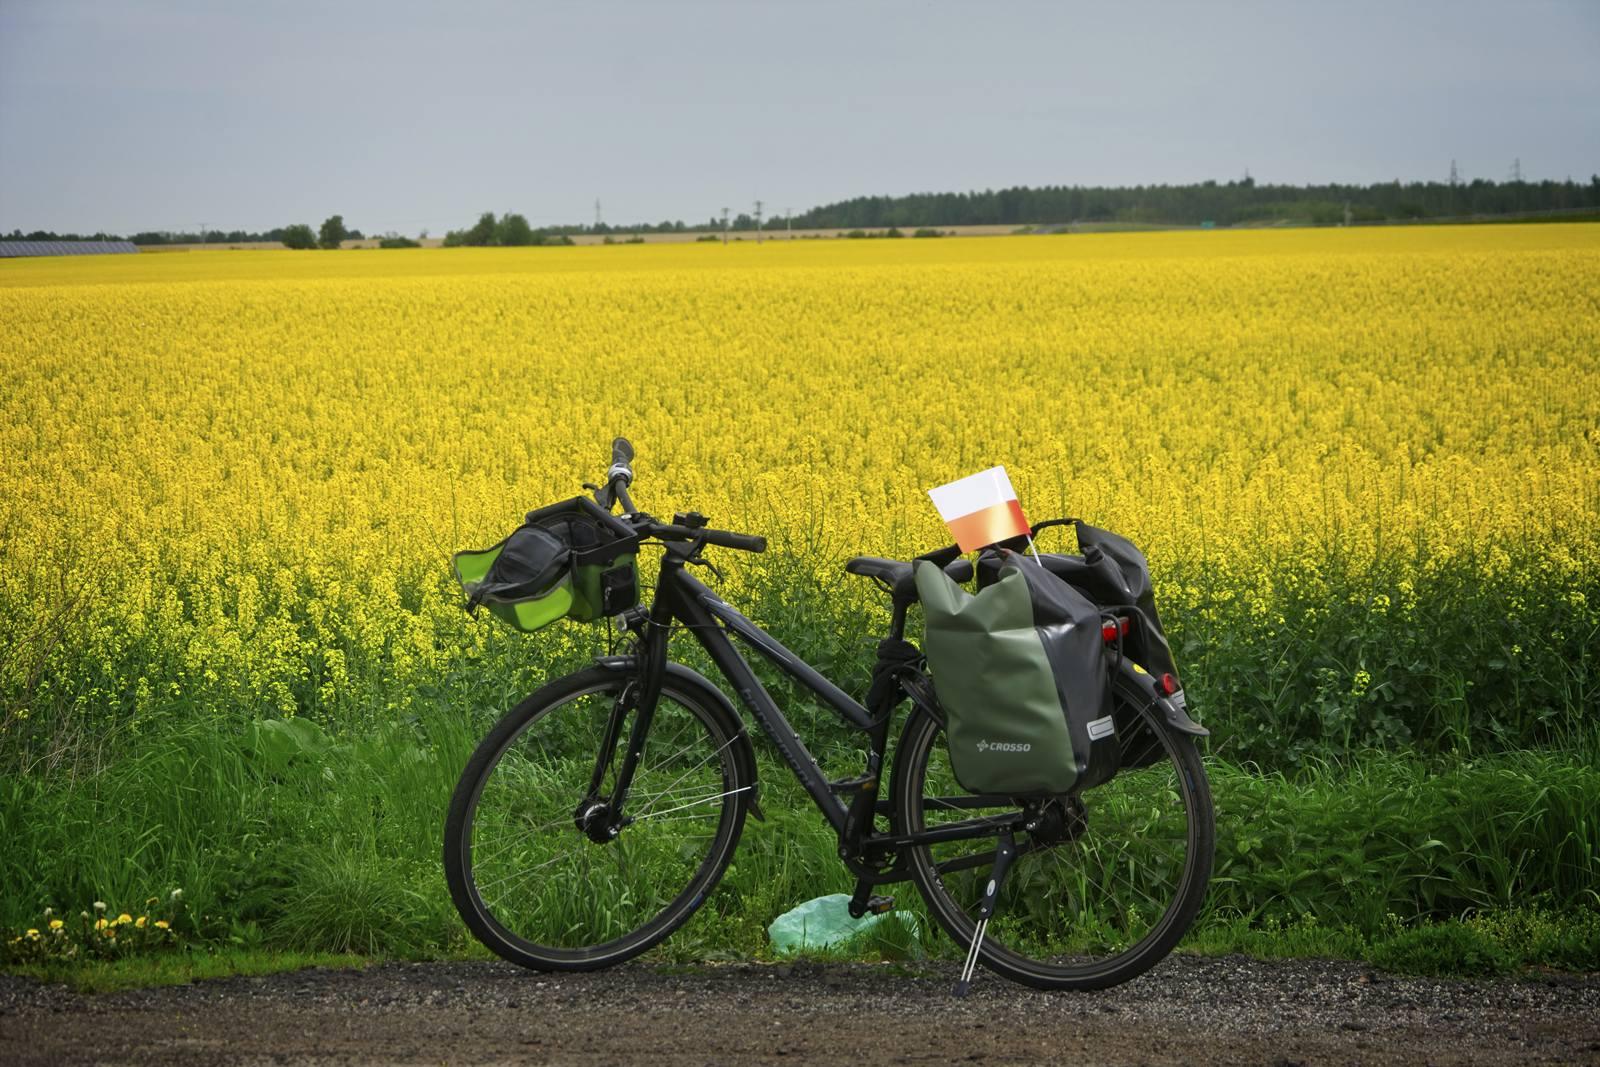 co zabrac na wycieczkę rowerową jak się zapakować na wycieczkę rowerową sakwy rowerowe jakie sakwy wybrać